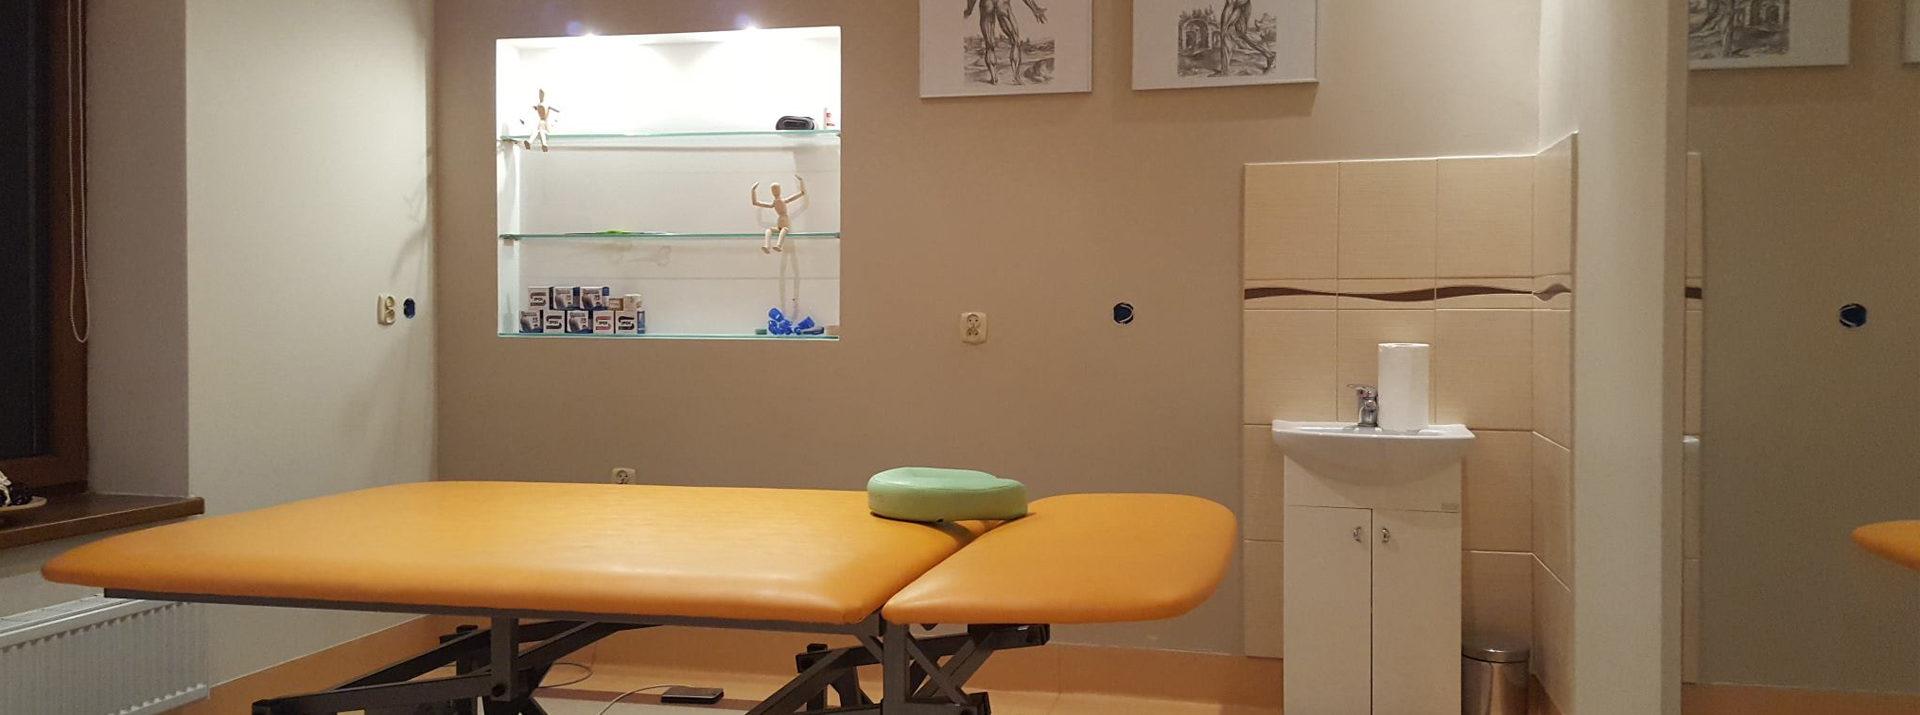 Oferujemy komfortowe i profesjonalne warunki do rehabilitacji